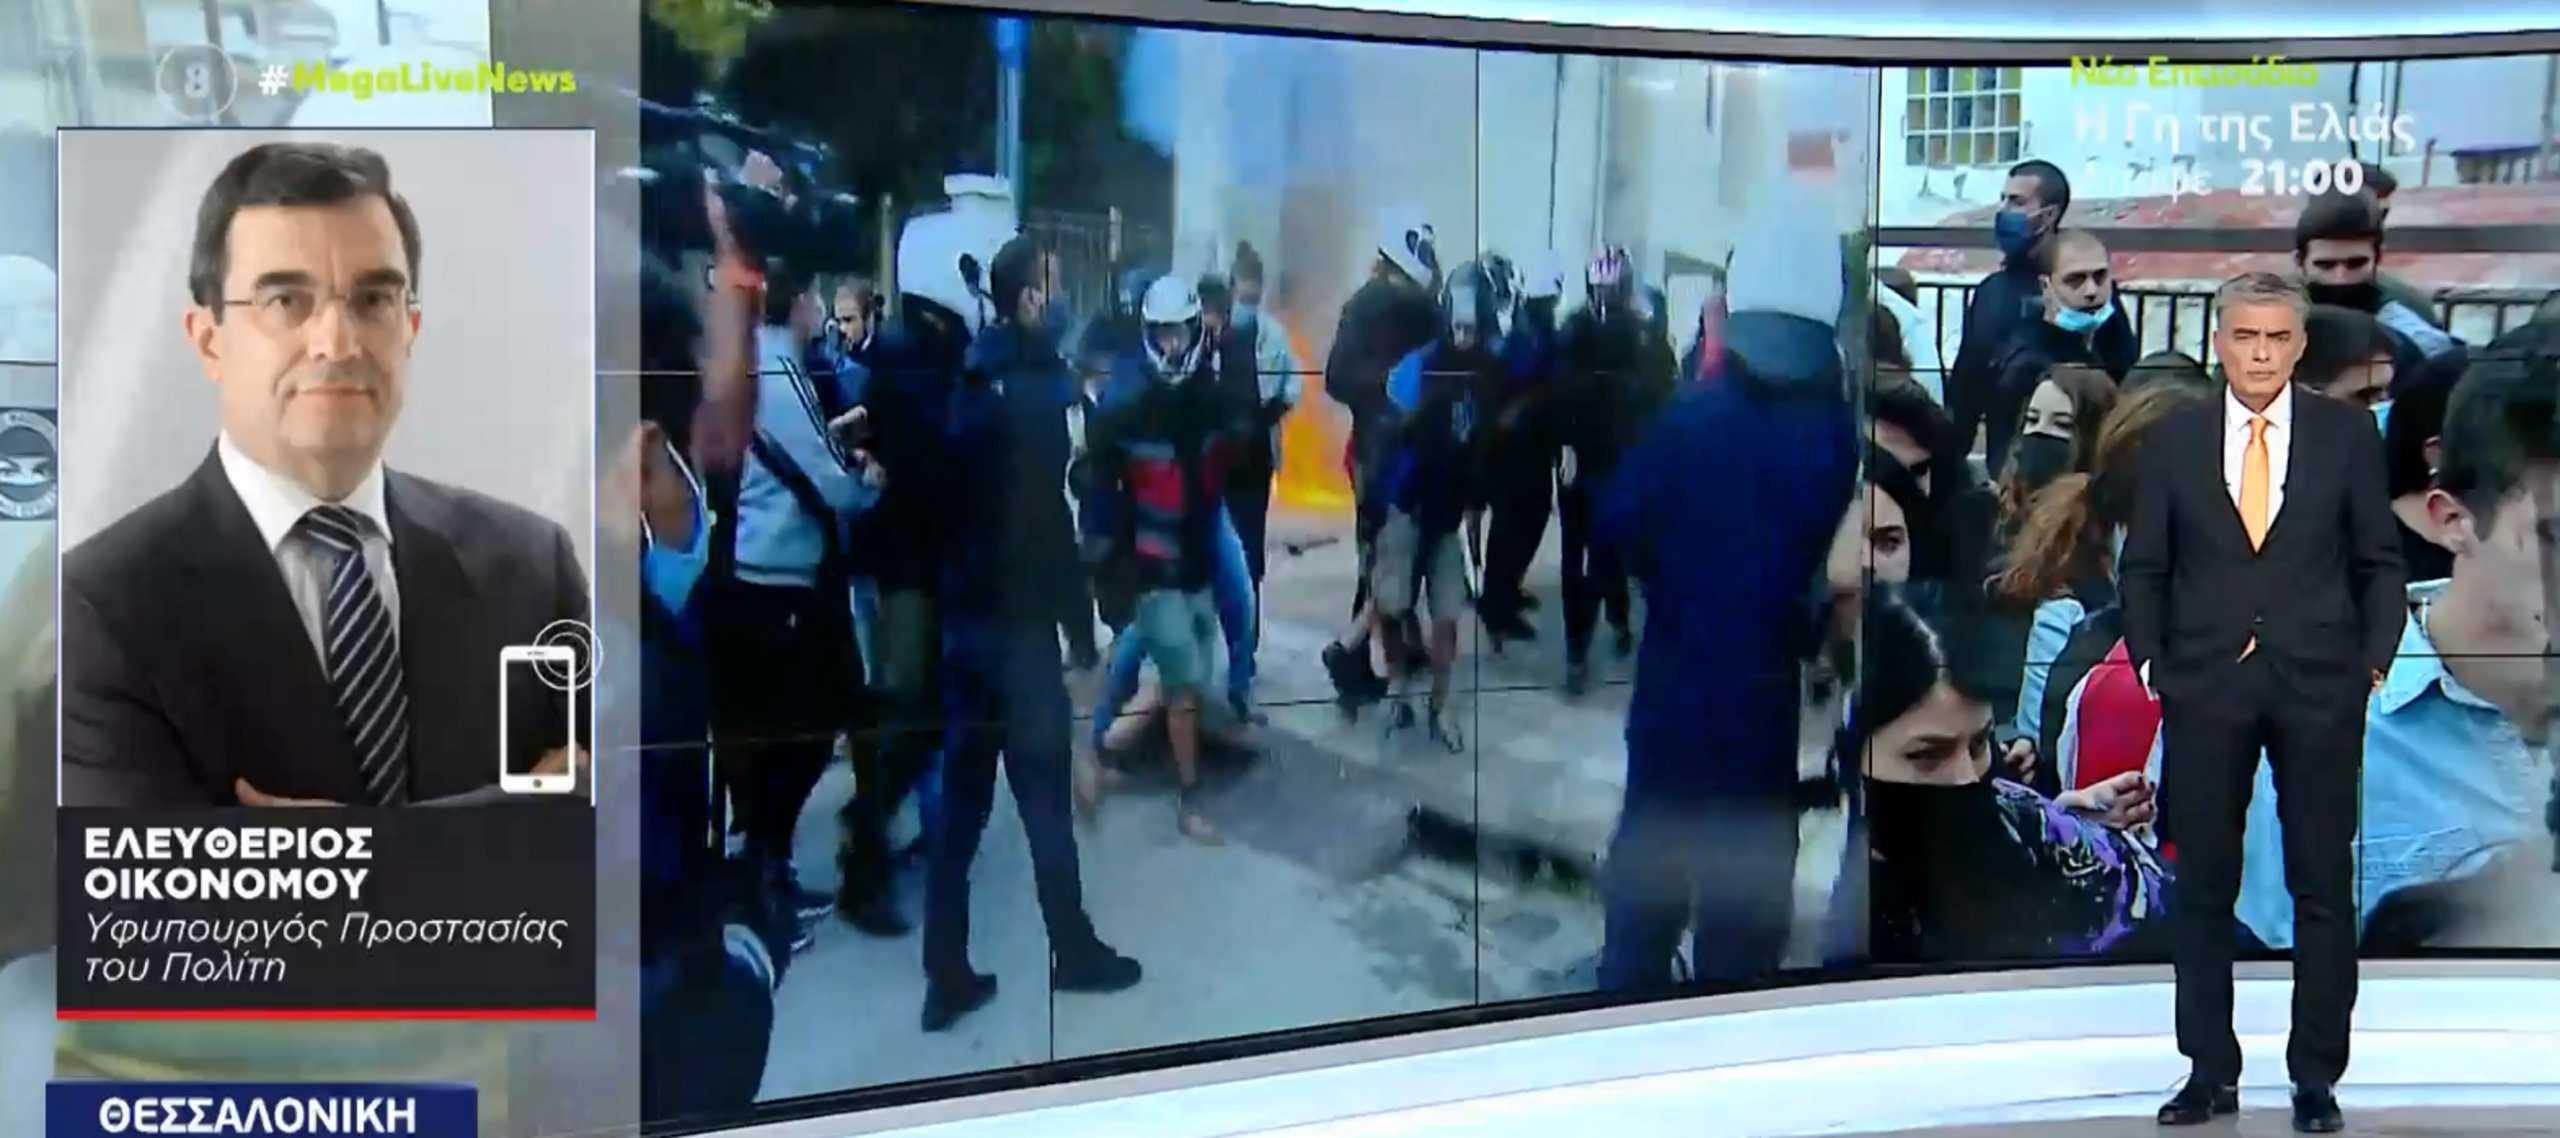 ΕΠΑΛ Σταυρούπολης – Λευτέρης Οικονόμου στο Live News: Μηδενική ανοχή σε ακραίες συμπεριφορές